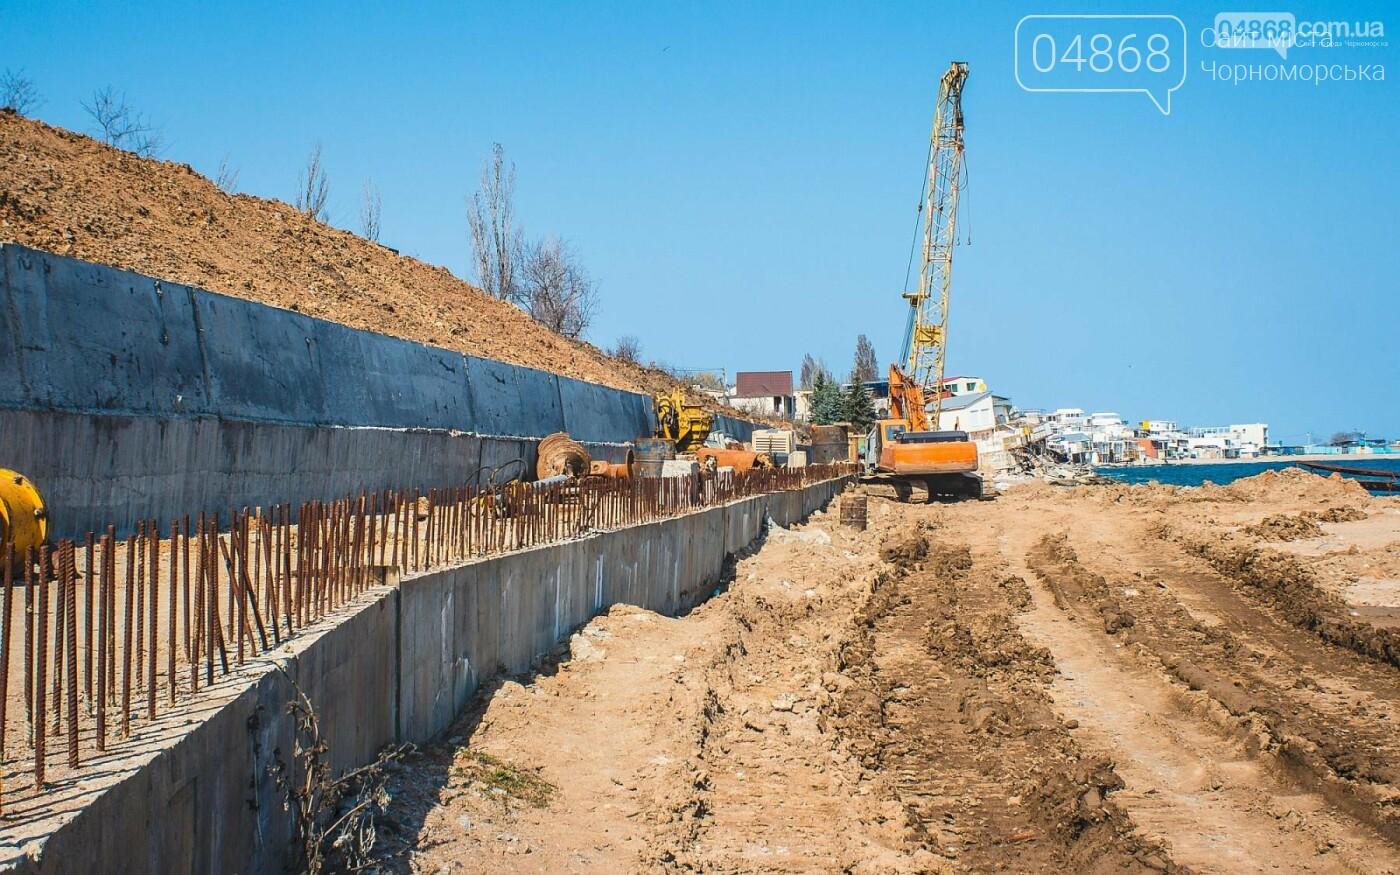 Оползни в Черноморске достигли масштабов чрезвычайной ситуации регионального уровня, фото-6